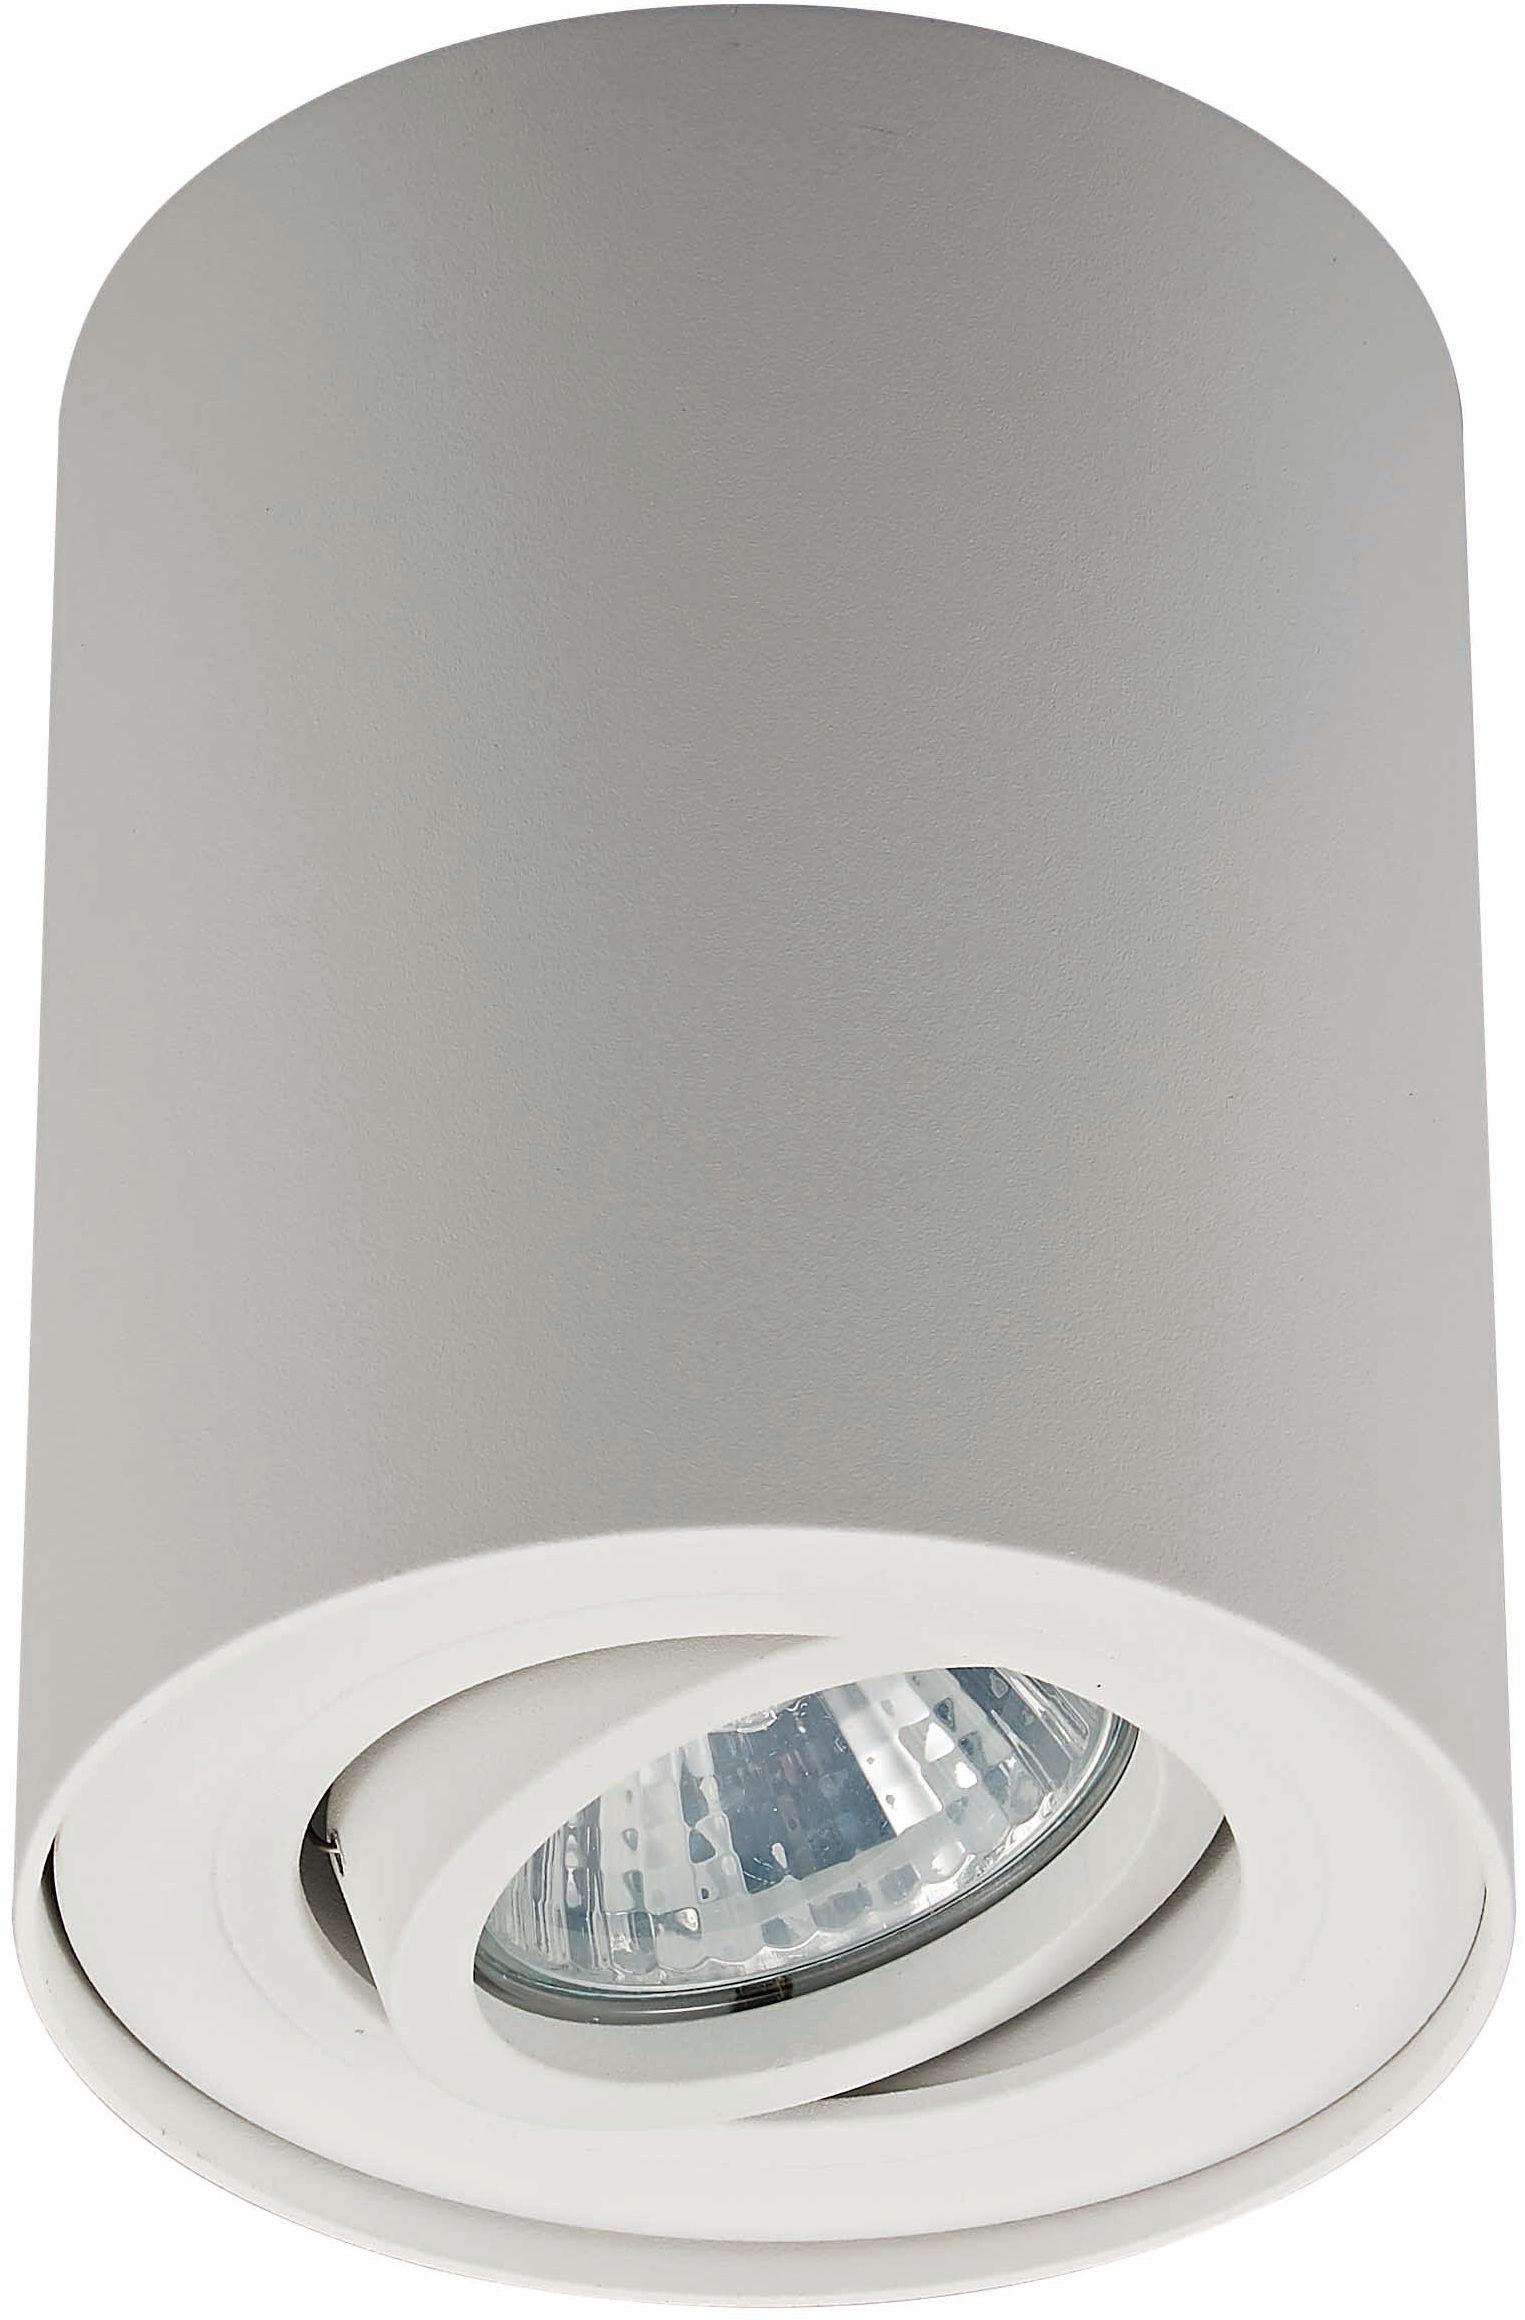 Lampa sufitowa RONDOC SL 1 20038-WH Zuma Line  SPRAWDŹ RABATY  5-10-15-20 % w koszyku